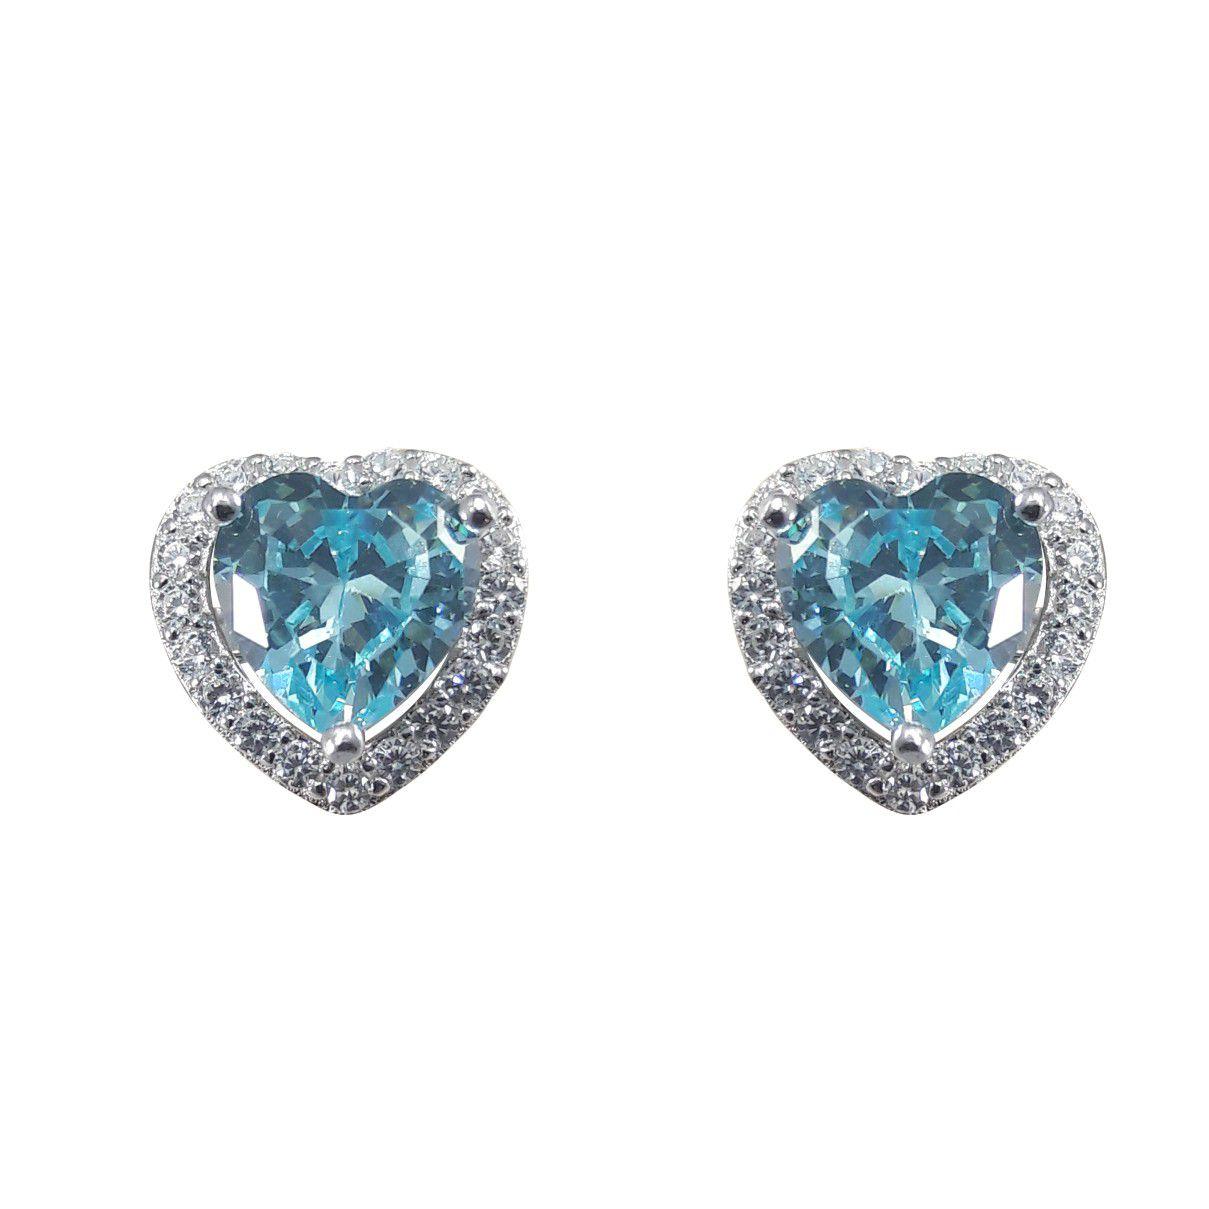 Brinco Coração Zircônia Azul Tiffany em Prata 925 Com Borda Cravejada com  Zircônias Brancas